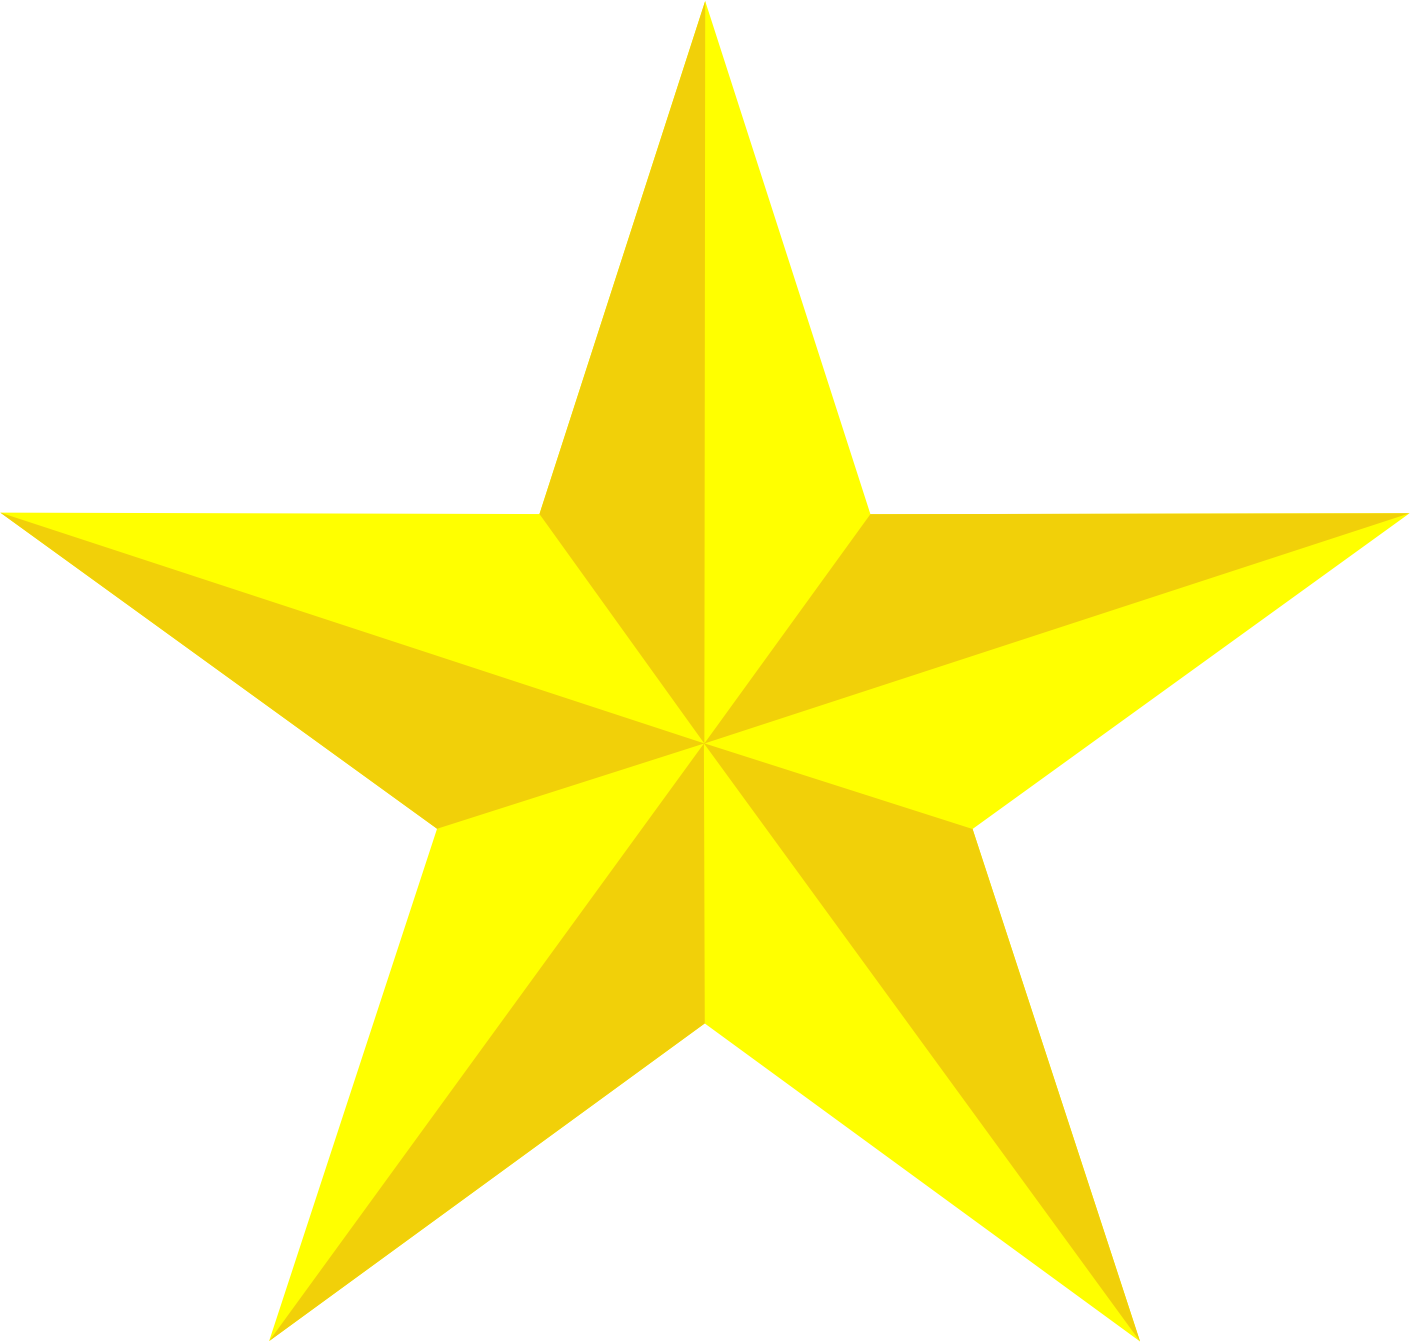 Star shine clipart svg royalty free library étoile-jaune-en-3d.png (1410×1342) | ЗИМА-ФОНЫ И СПЕЦ.ЭФФЕКТЫ ... svg royalty free library